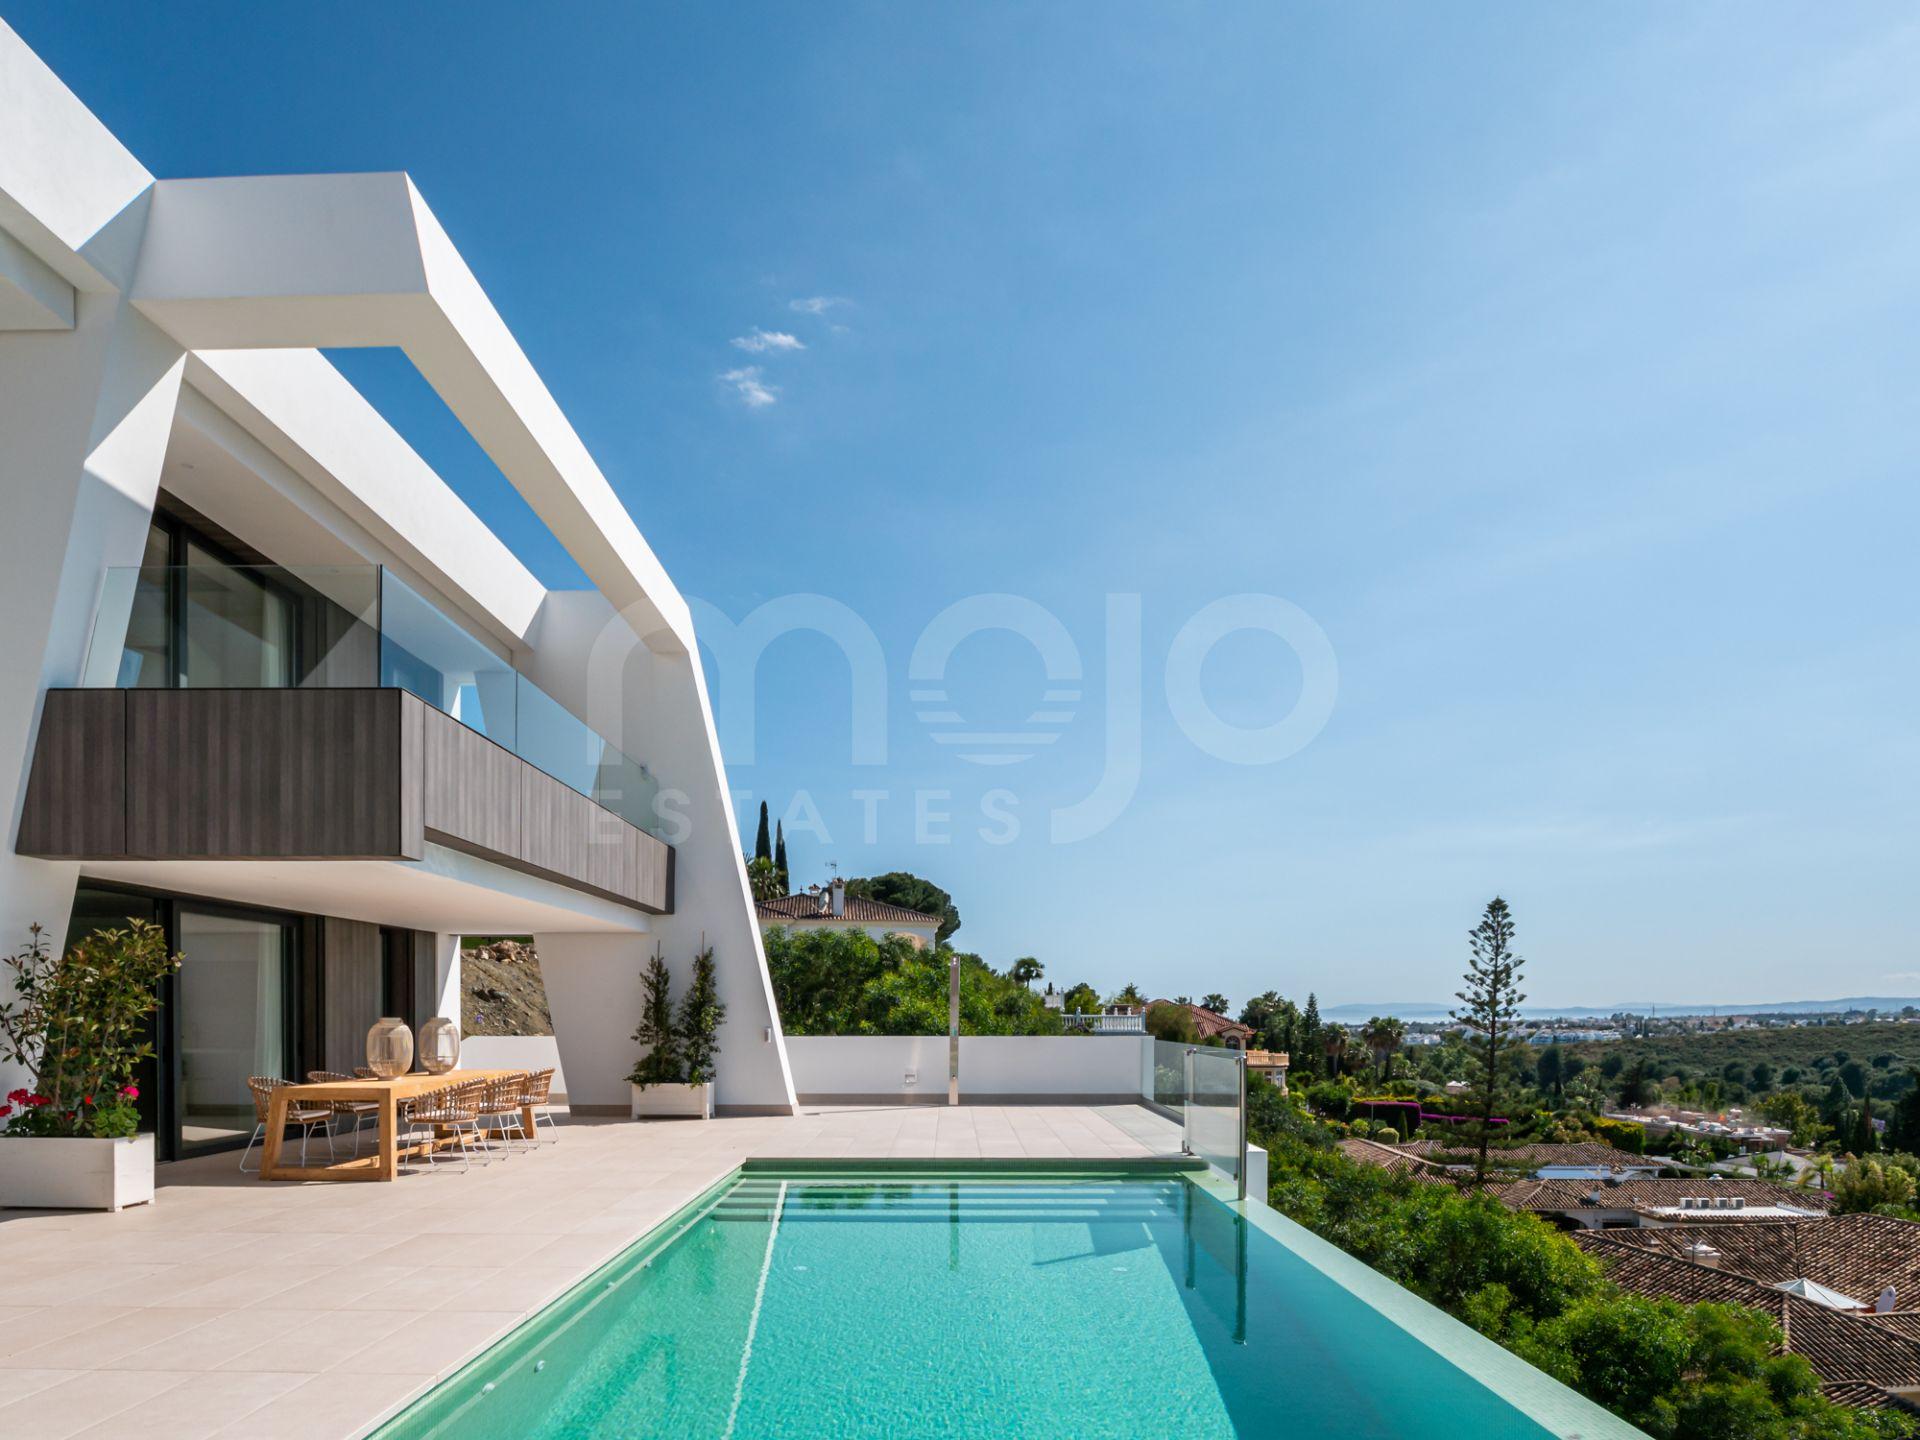 Magnifica Villa Contemporanea en venta en El Paraiso, Estepona